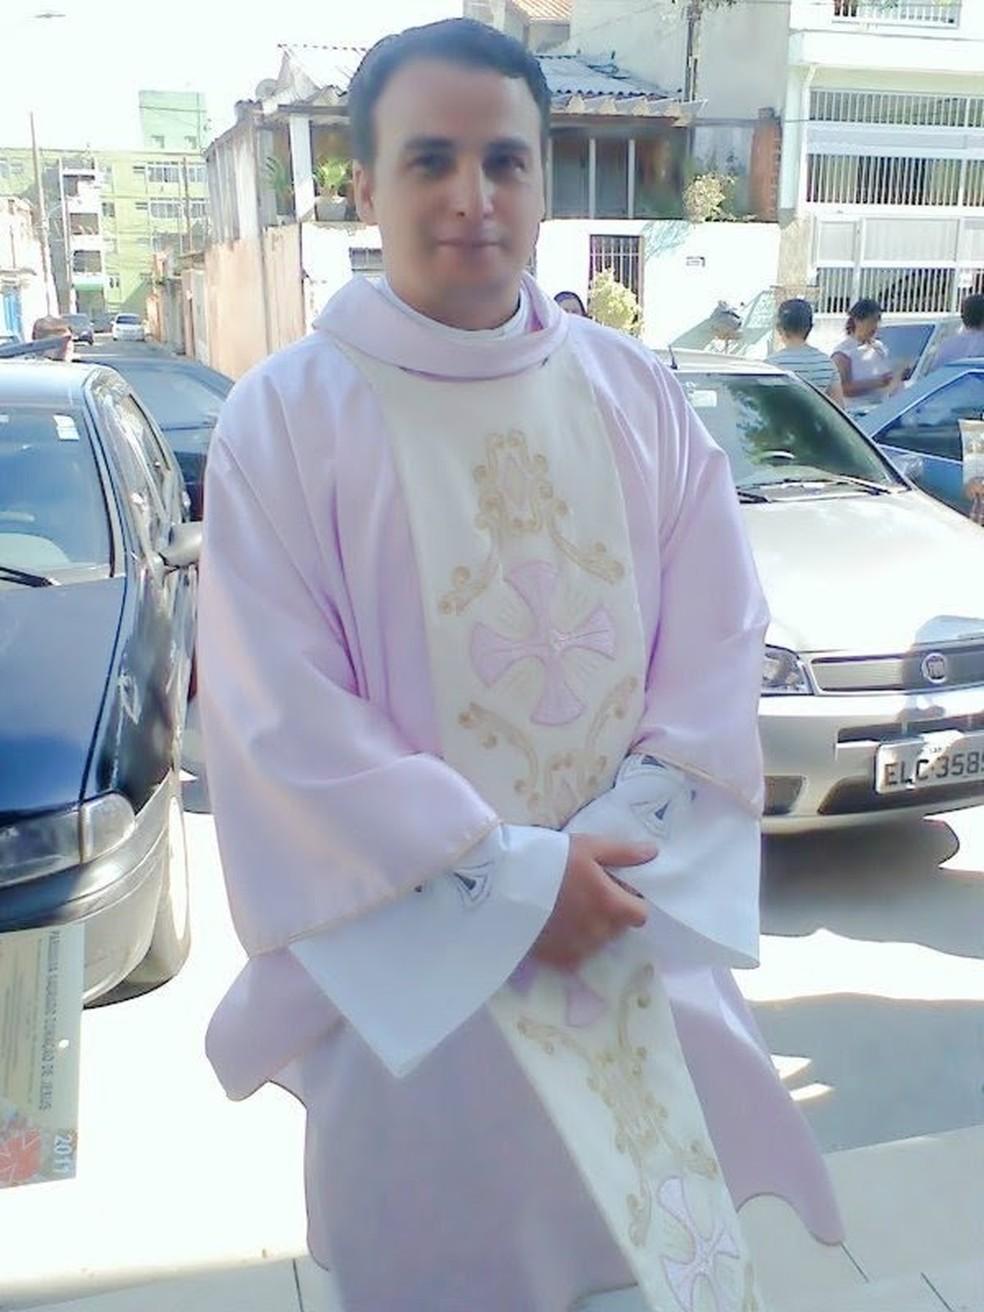 Padre Anderson de Moraes Domingues, de 43 anos, foi preso em flagrante em Guarujá (SP) acusado de estupro — Foto: G1 Santos